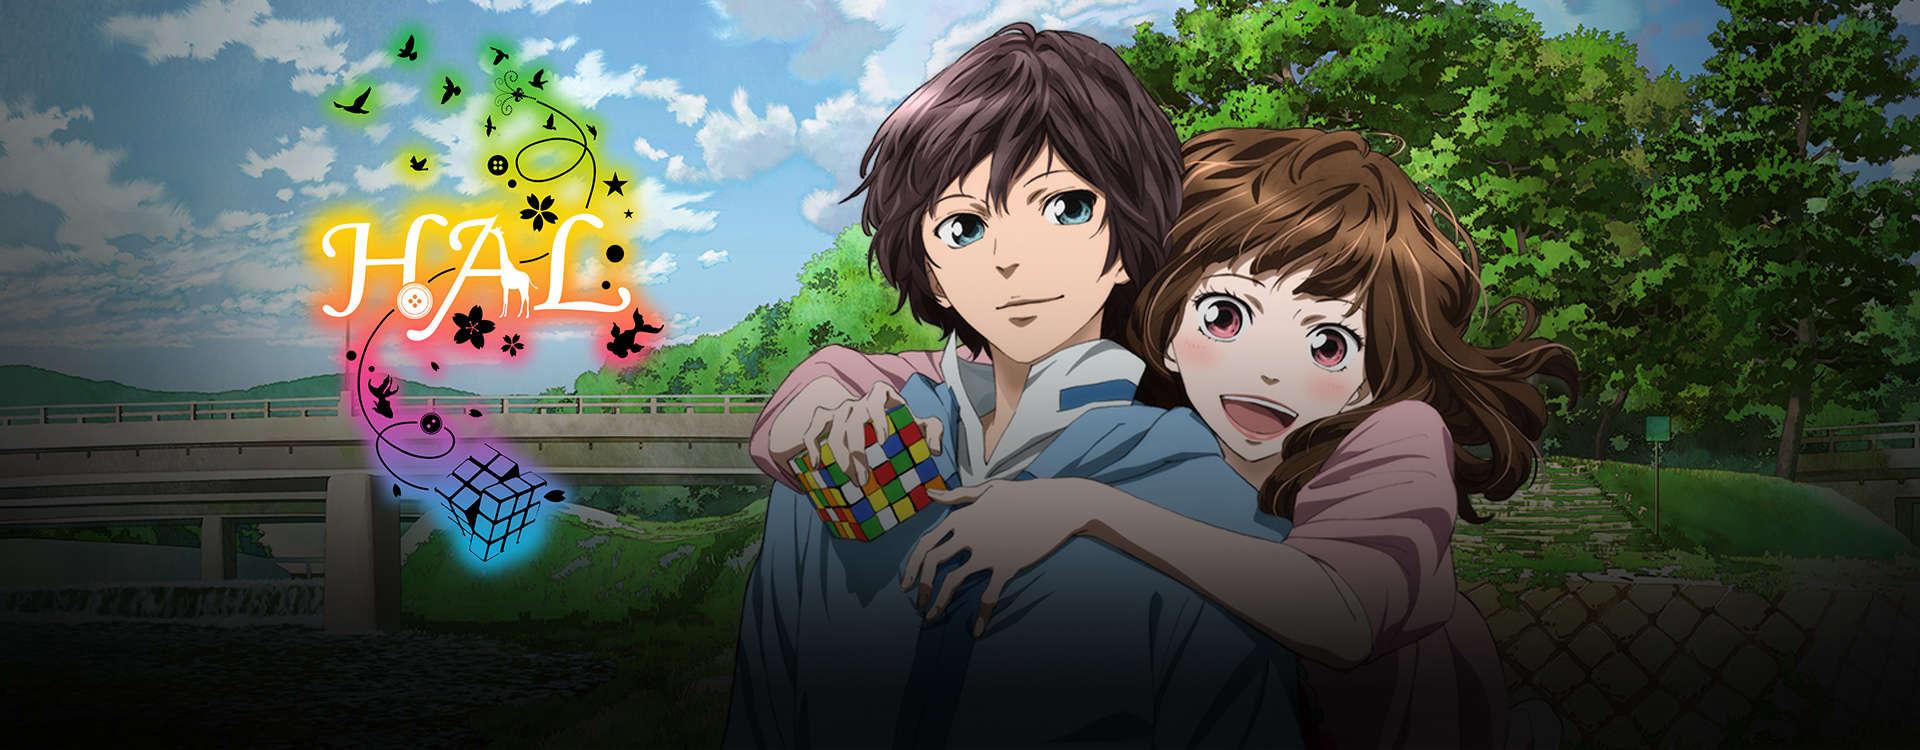 Resultado de imagem para hal anime